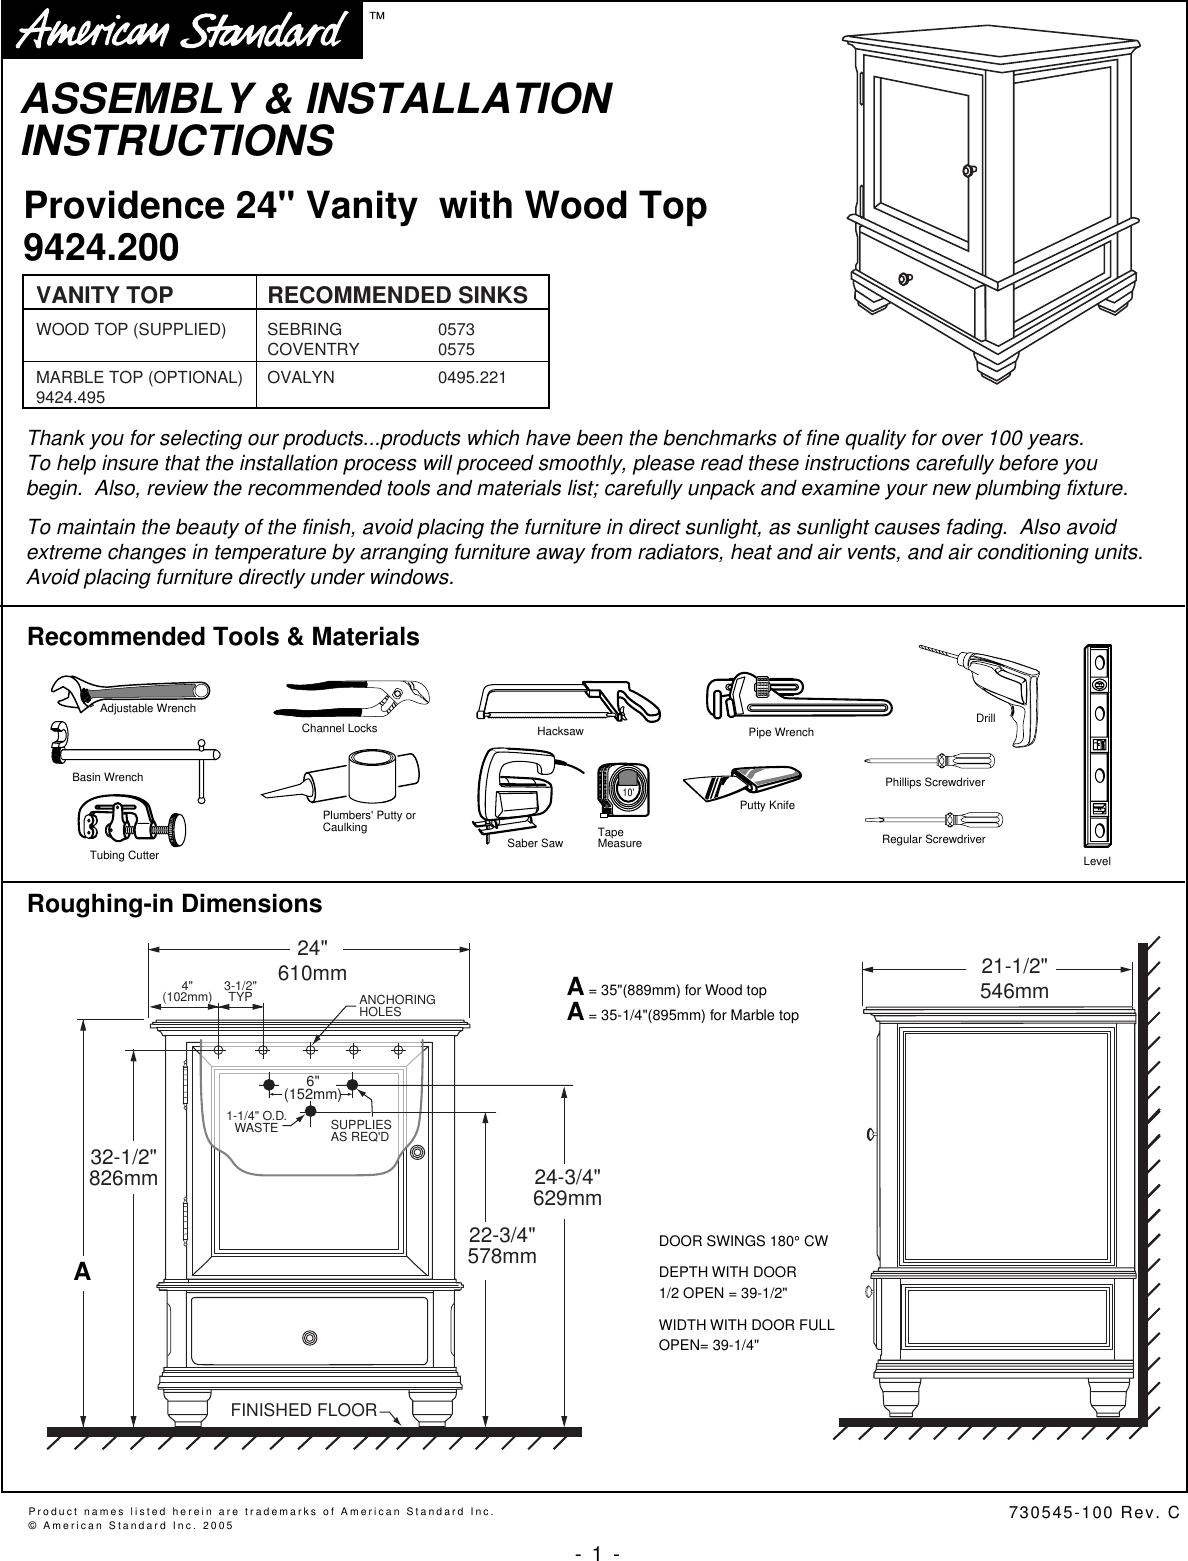 48inch Erika Vanity Manual Guide